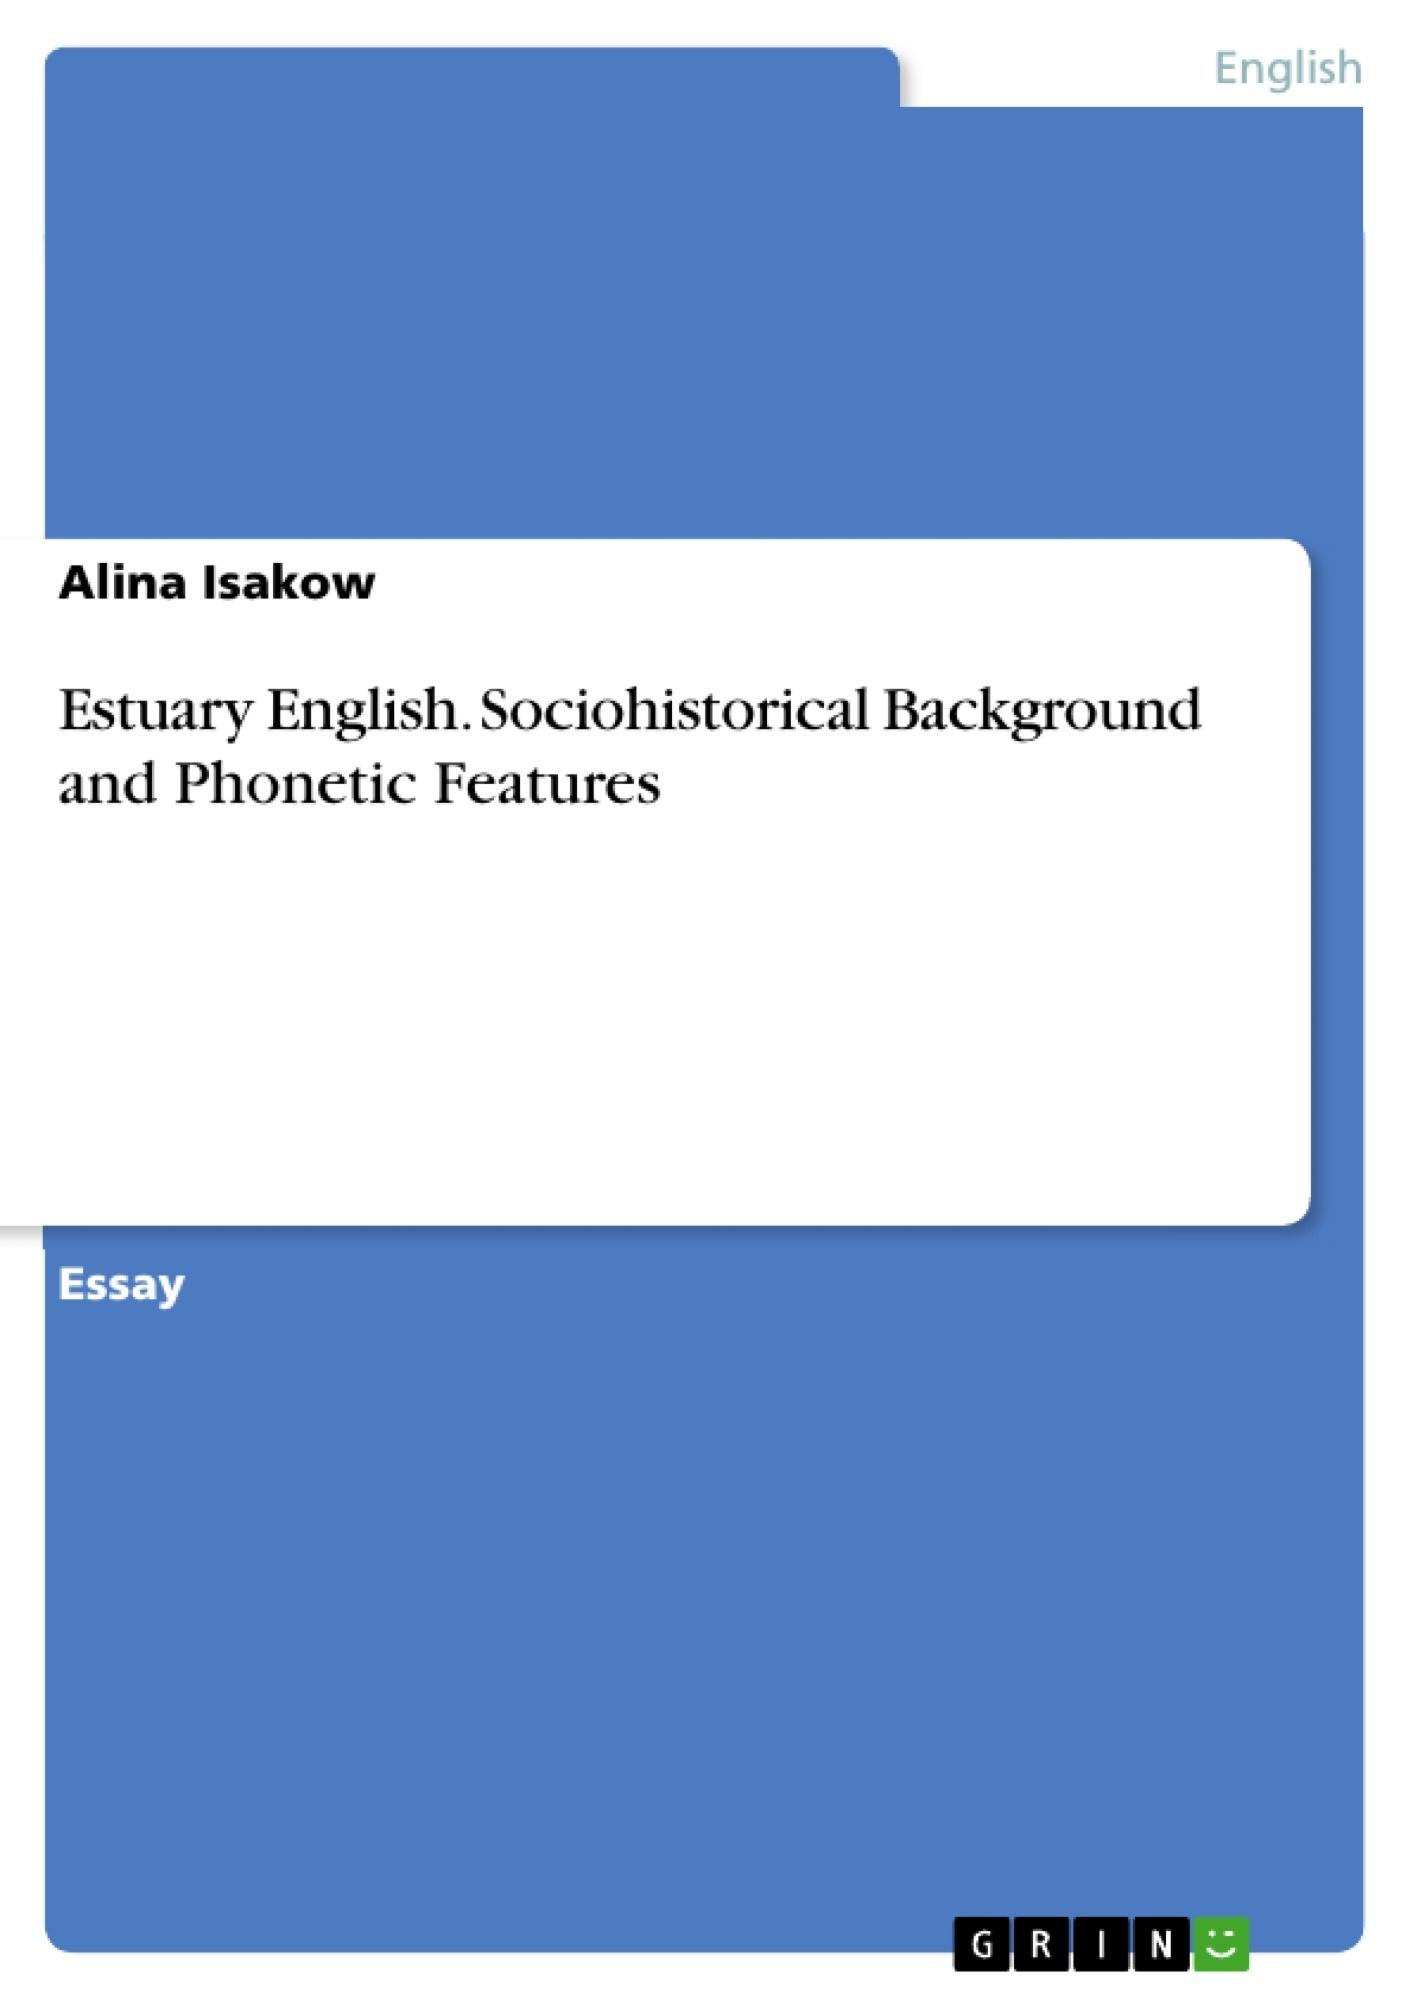 Titel: Estuary English. Sociohistorical Background and Phonetic Features